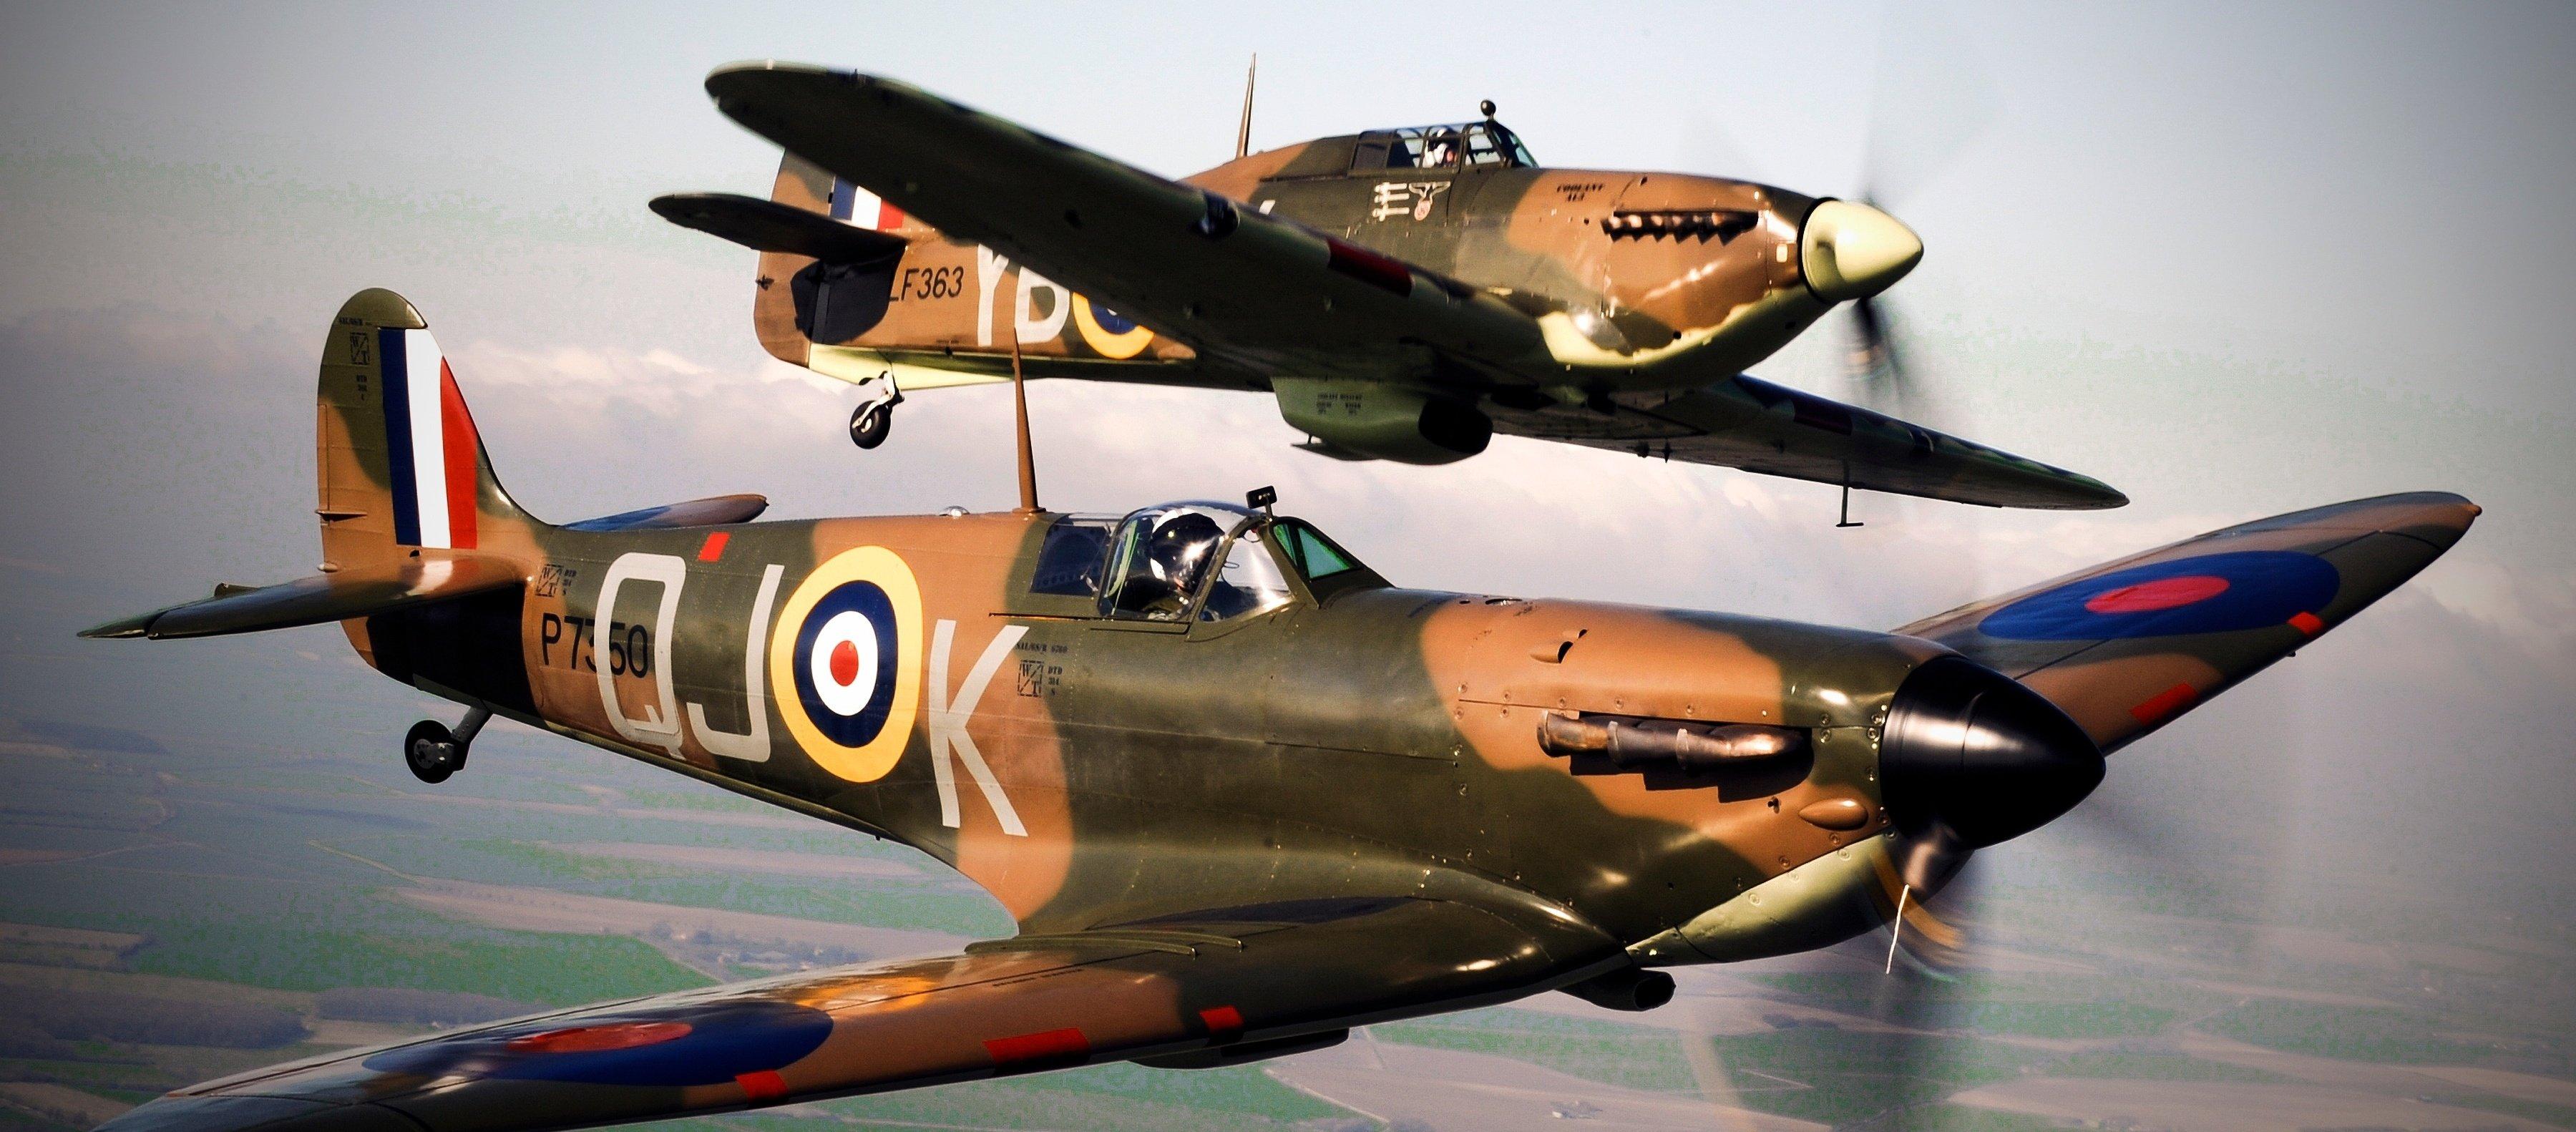 Spitfire Inbound Marketing Services